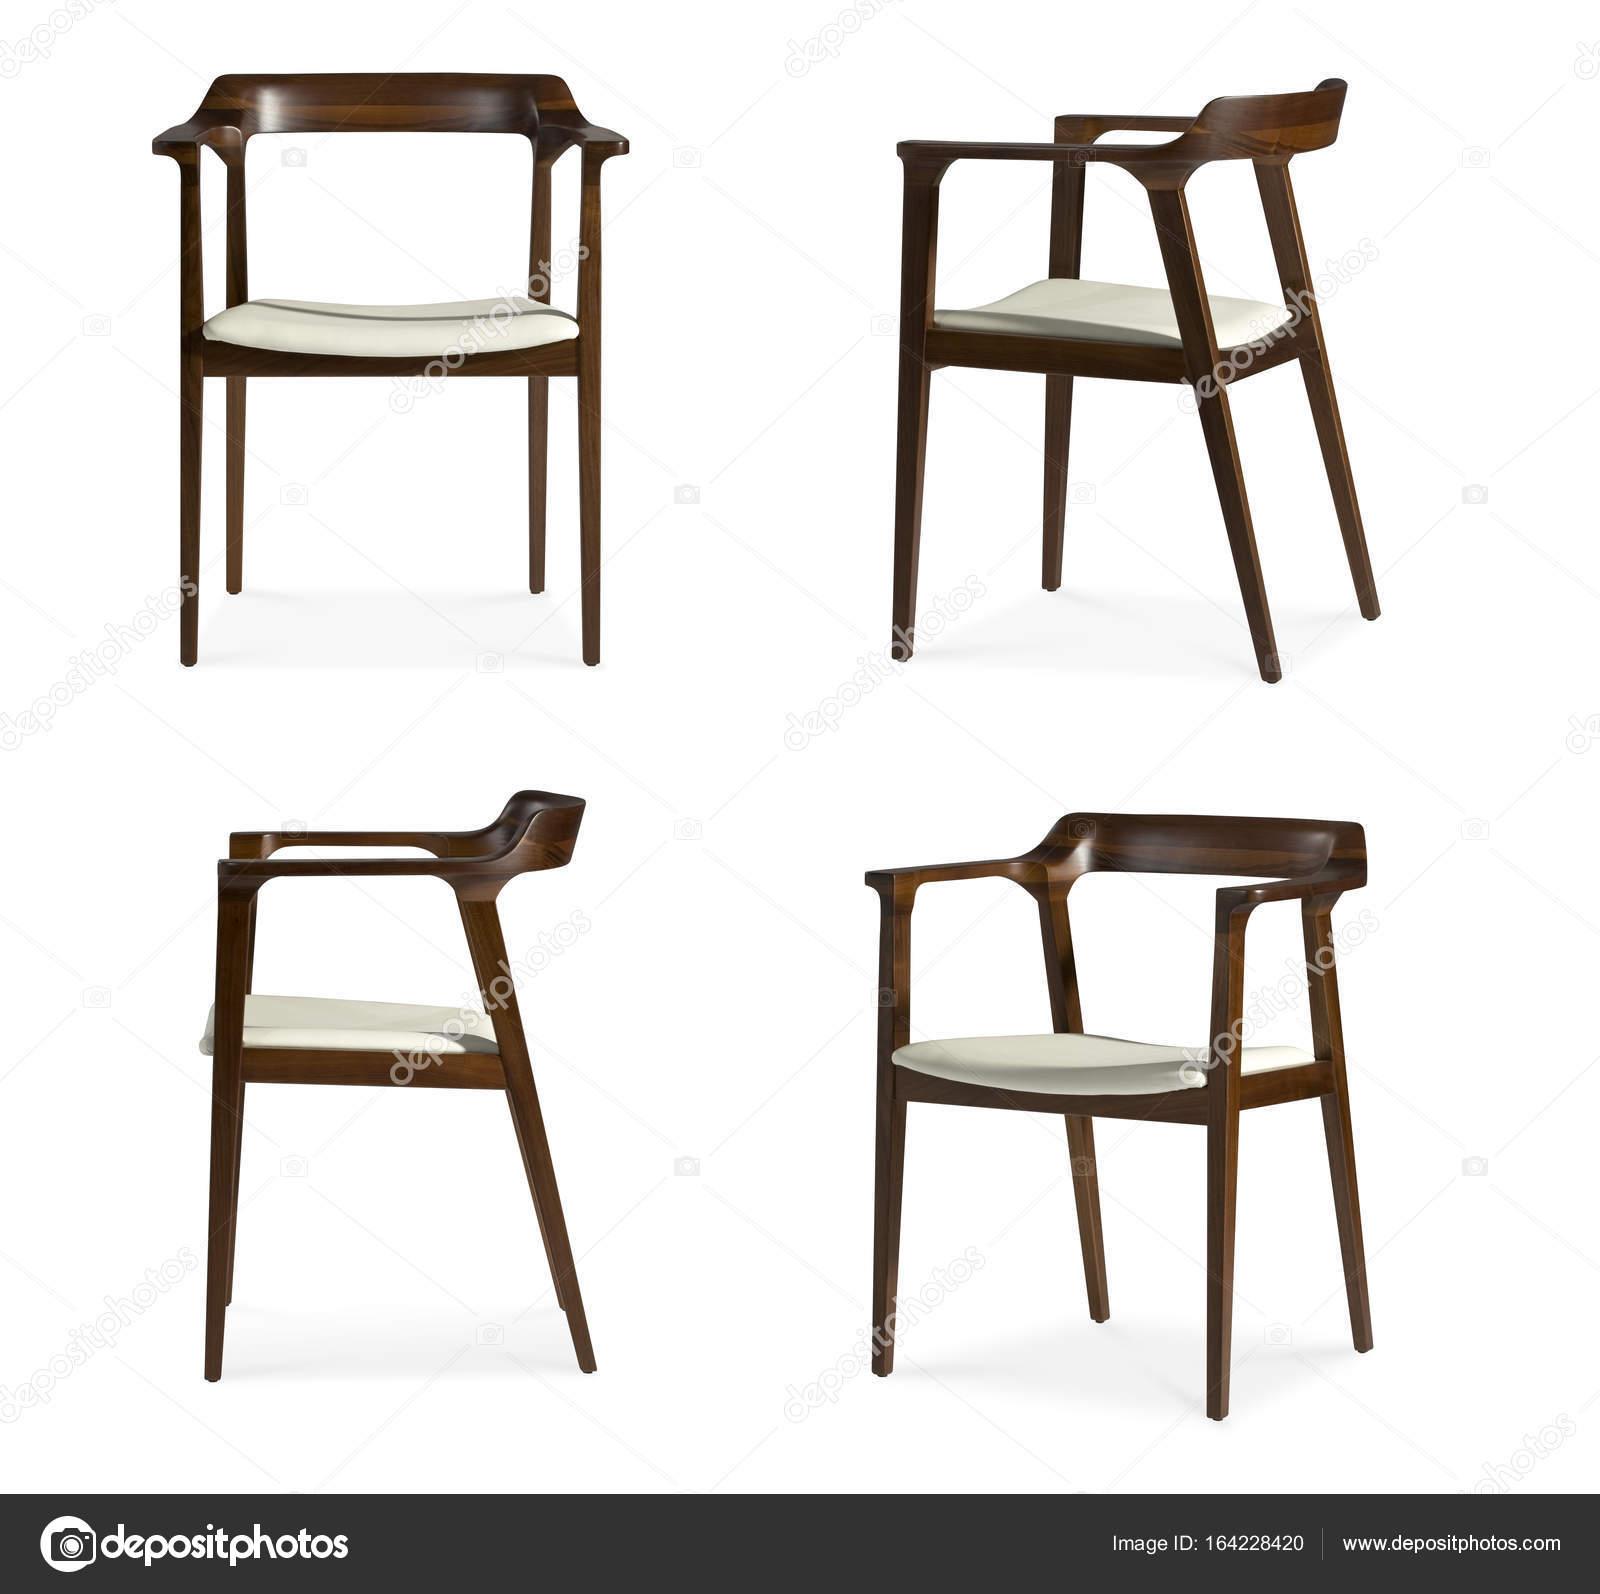 Design Aus Holz Leder Sitz Stuhl — Stockfoto © Tangducminh